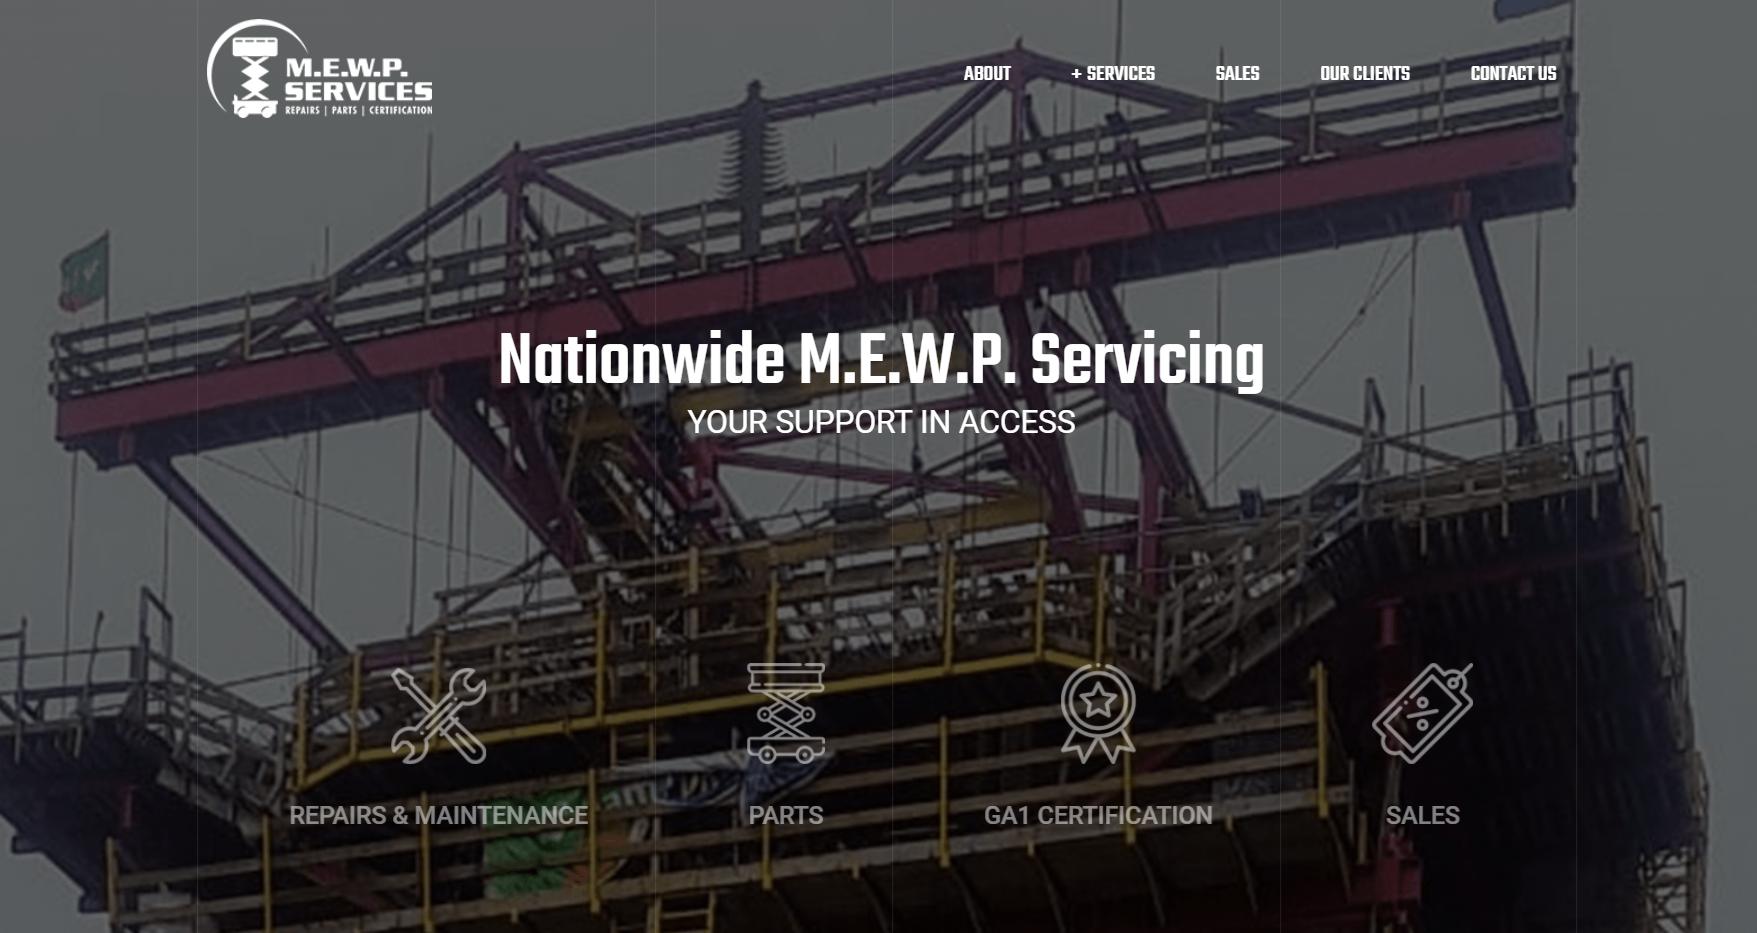 M.E.W.P. SERVICES